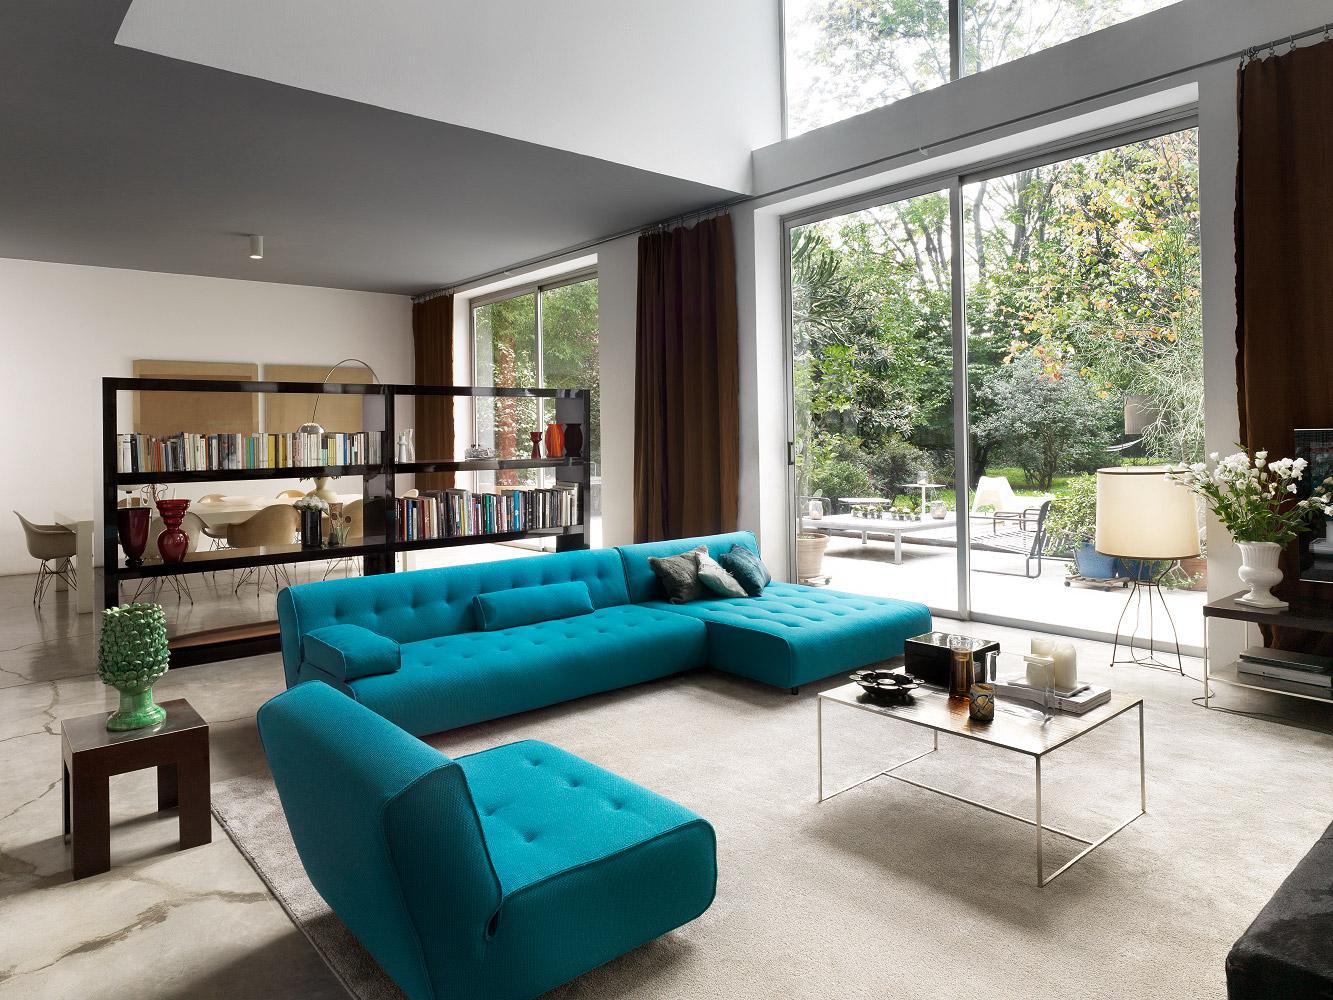 Бирюзовый диван с креслом